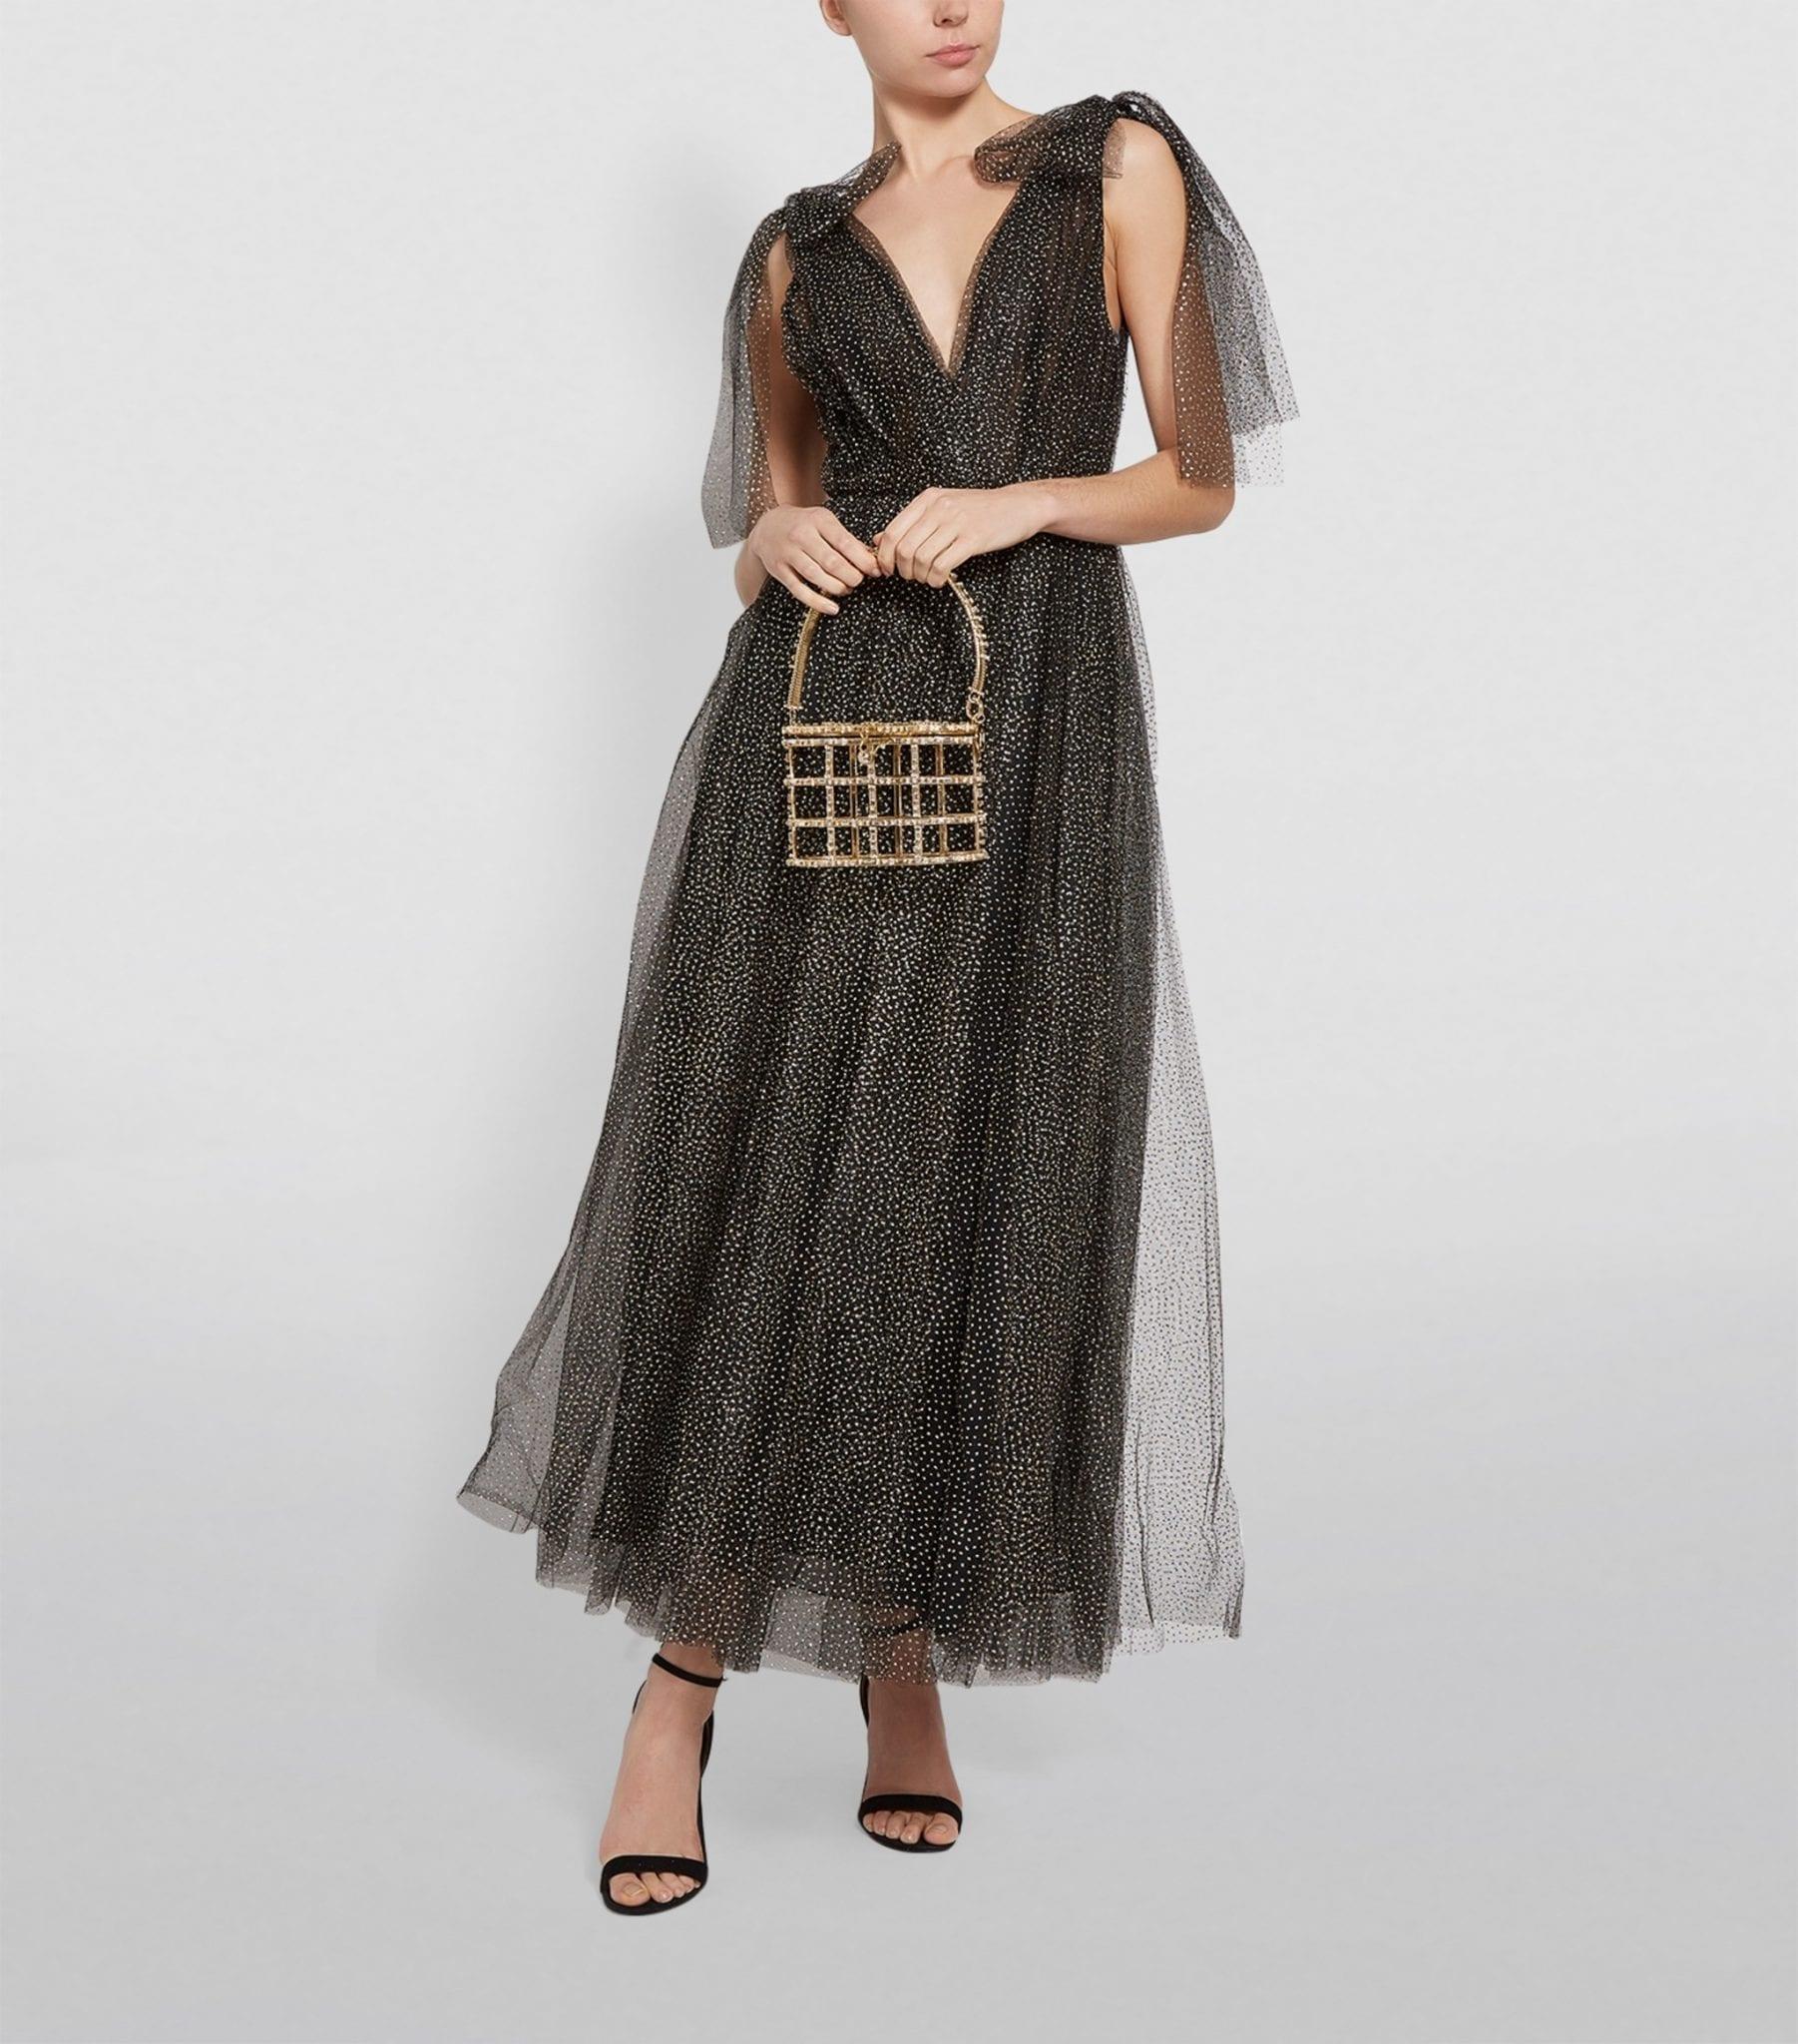 MONIQUE LHUILLIER Bow-Shoulder Tulle Midi Dress